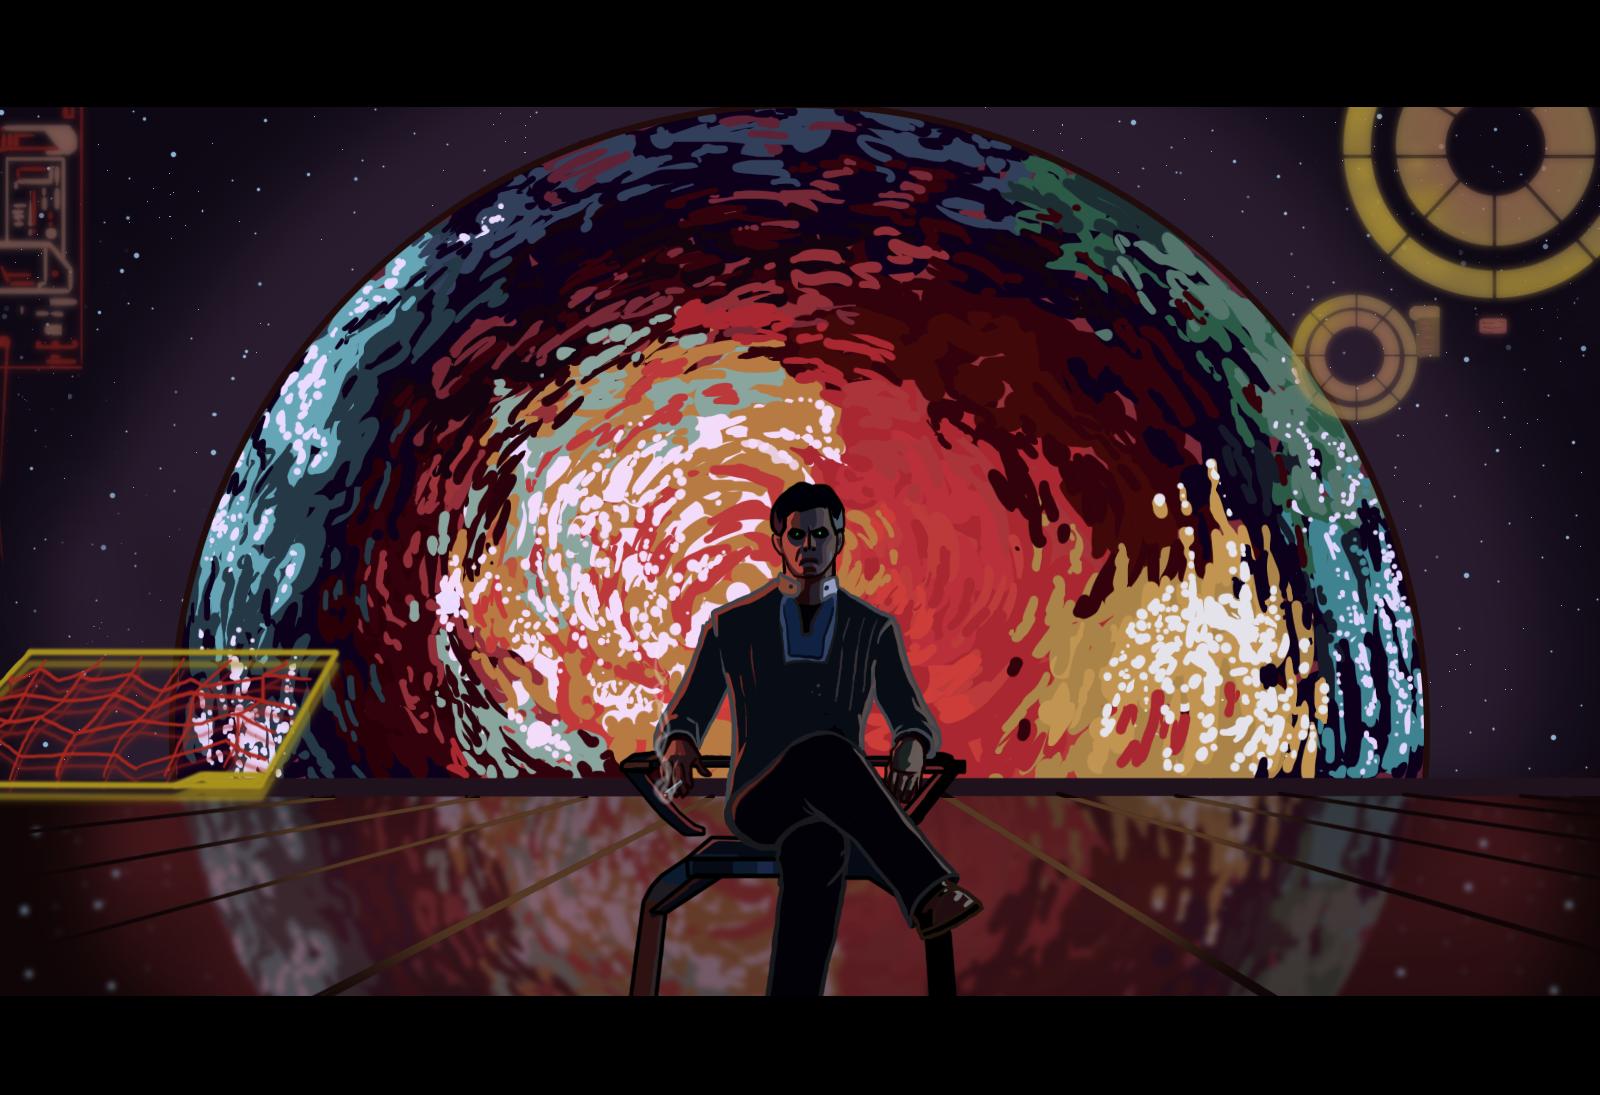 Mass Effect Cartoon Mock-Up 6 by Garrenh